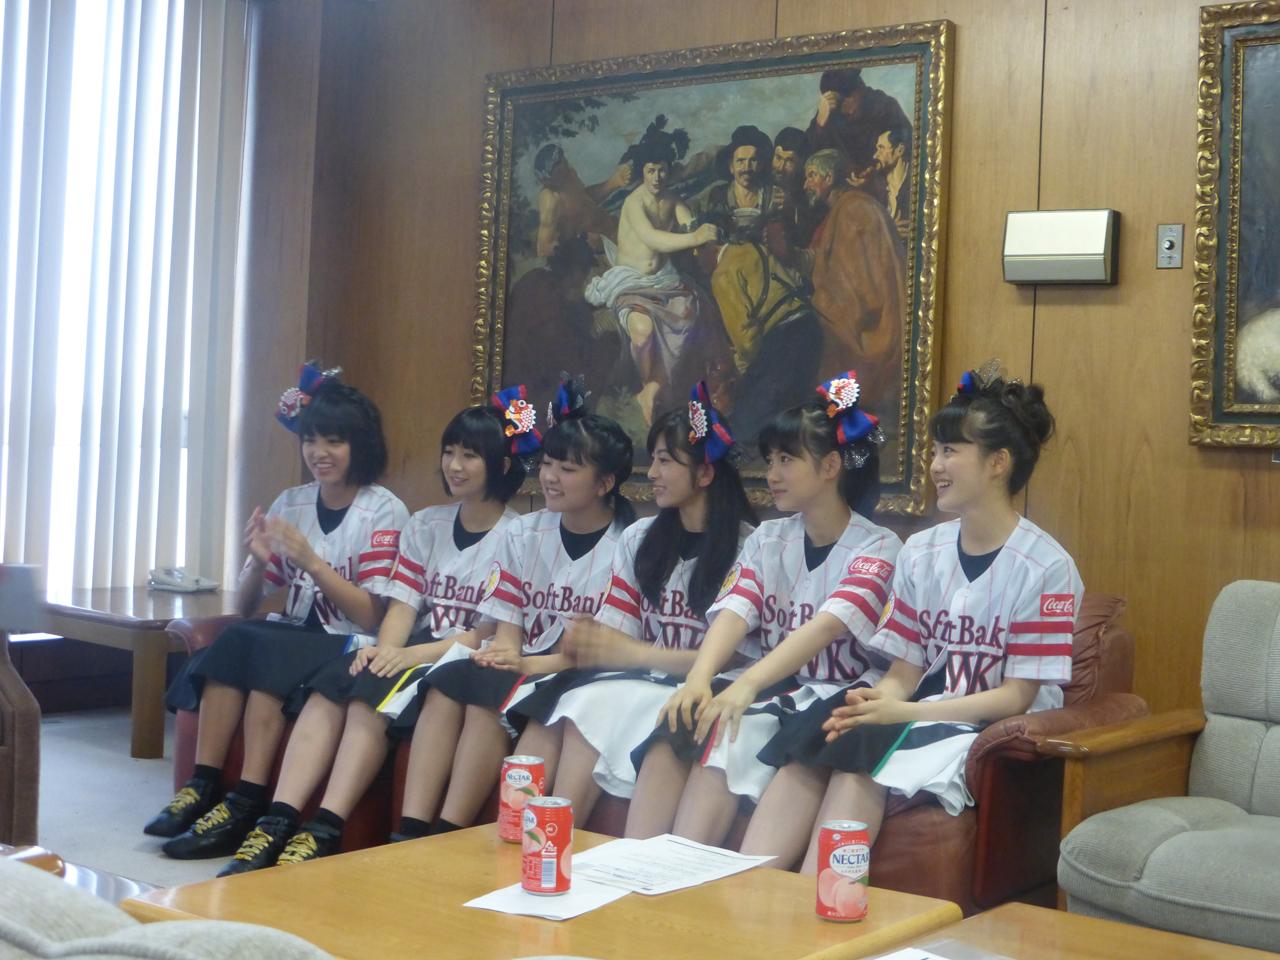 仙台で取材を受けてます。ぶれずにホークスユニフォーム。(ばってん少女隊)